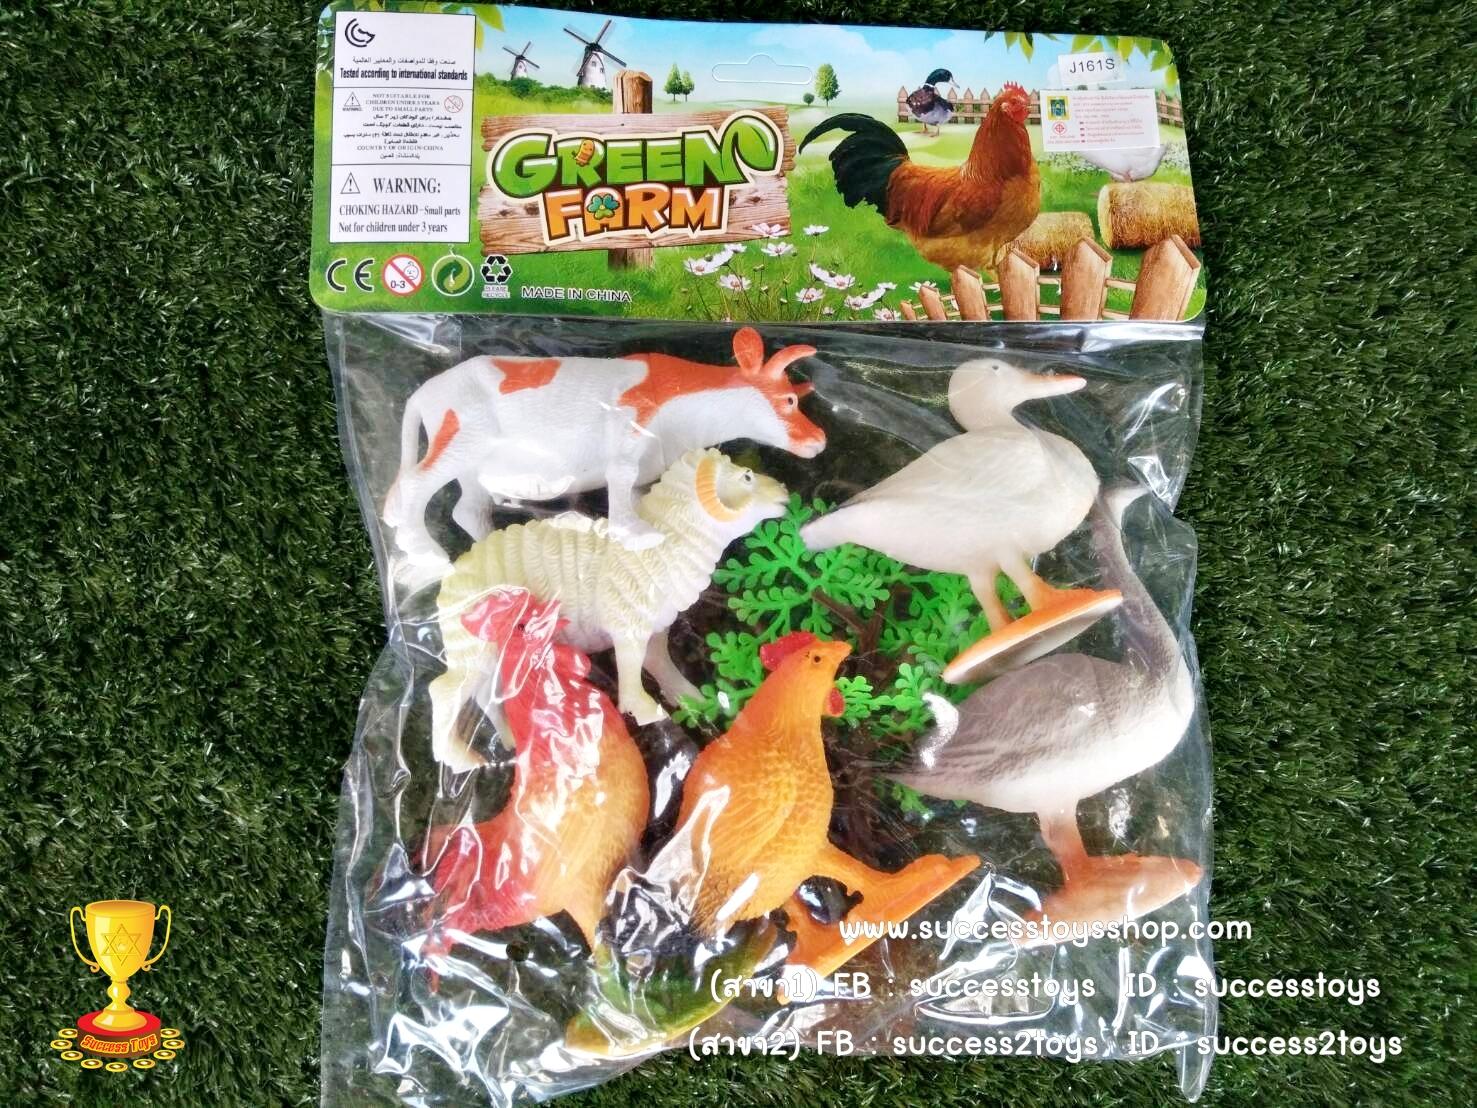 โมเดลสัตว์เลี้ยงในฟาร์ม6ตัว